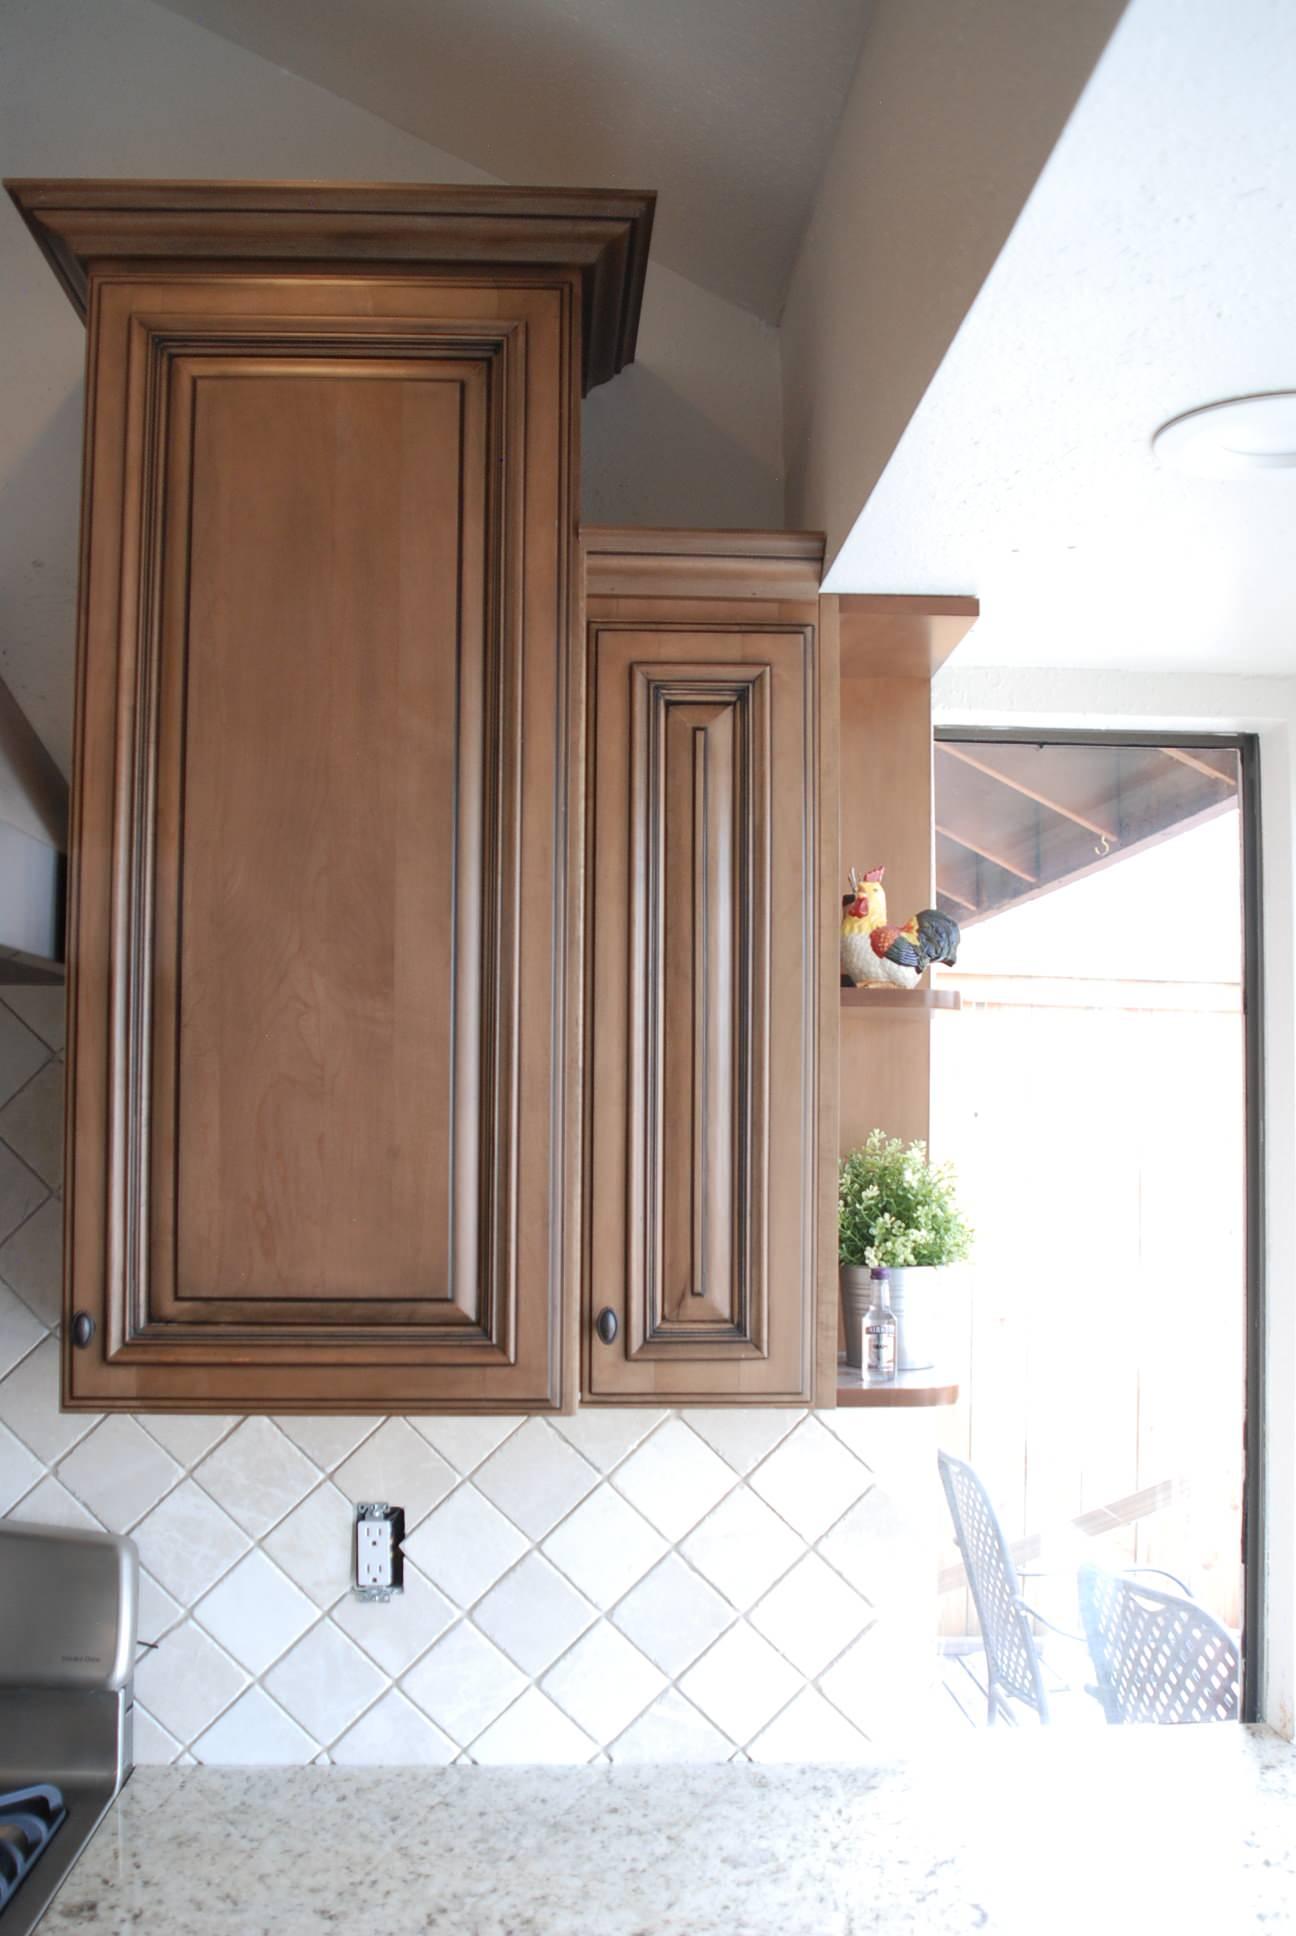 Littleton Kitchen - Cabinet detail